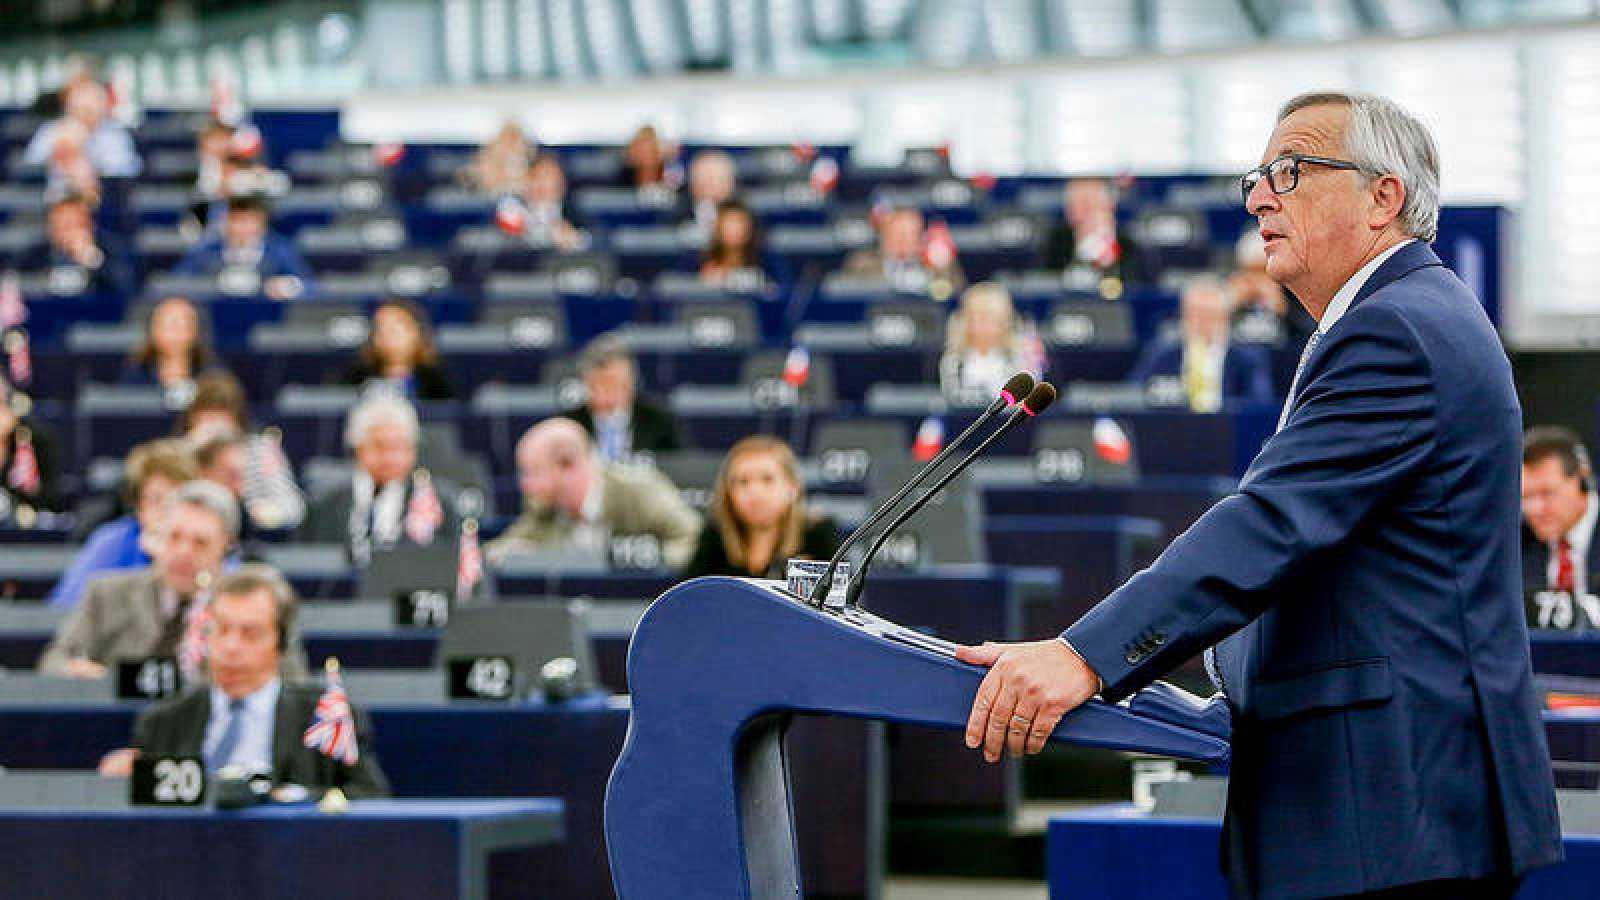 El presidente de la Comisión Europea, Jean-Claude Juncker, preside el debate del estado de la Unión en Eurocámara en Estrasburgo